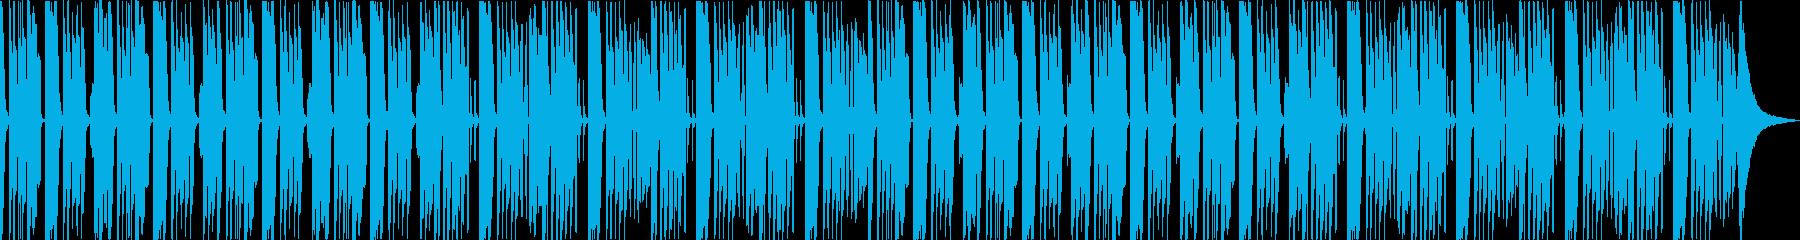 まったりとした日常、ほのぼのリコーダーの再生済みの波形